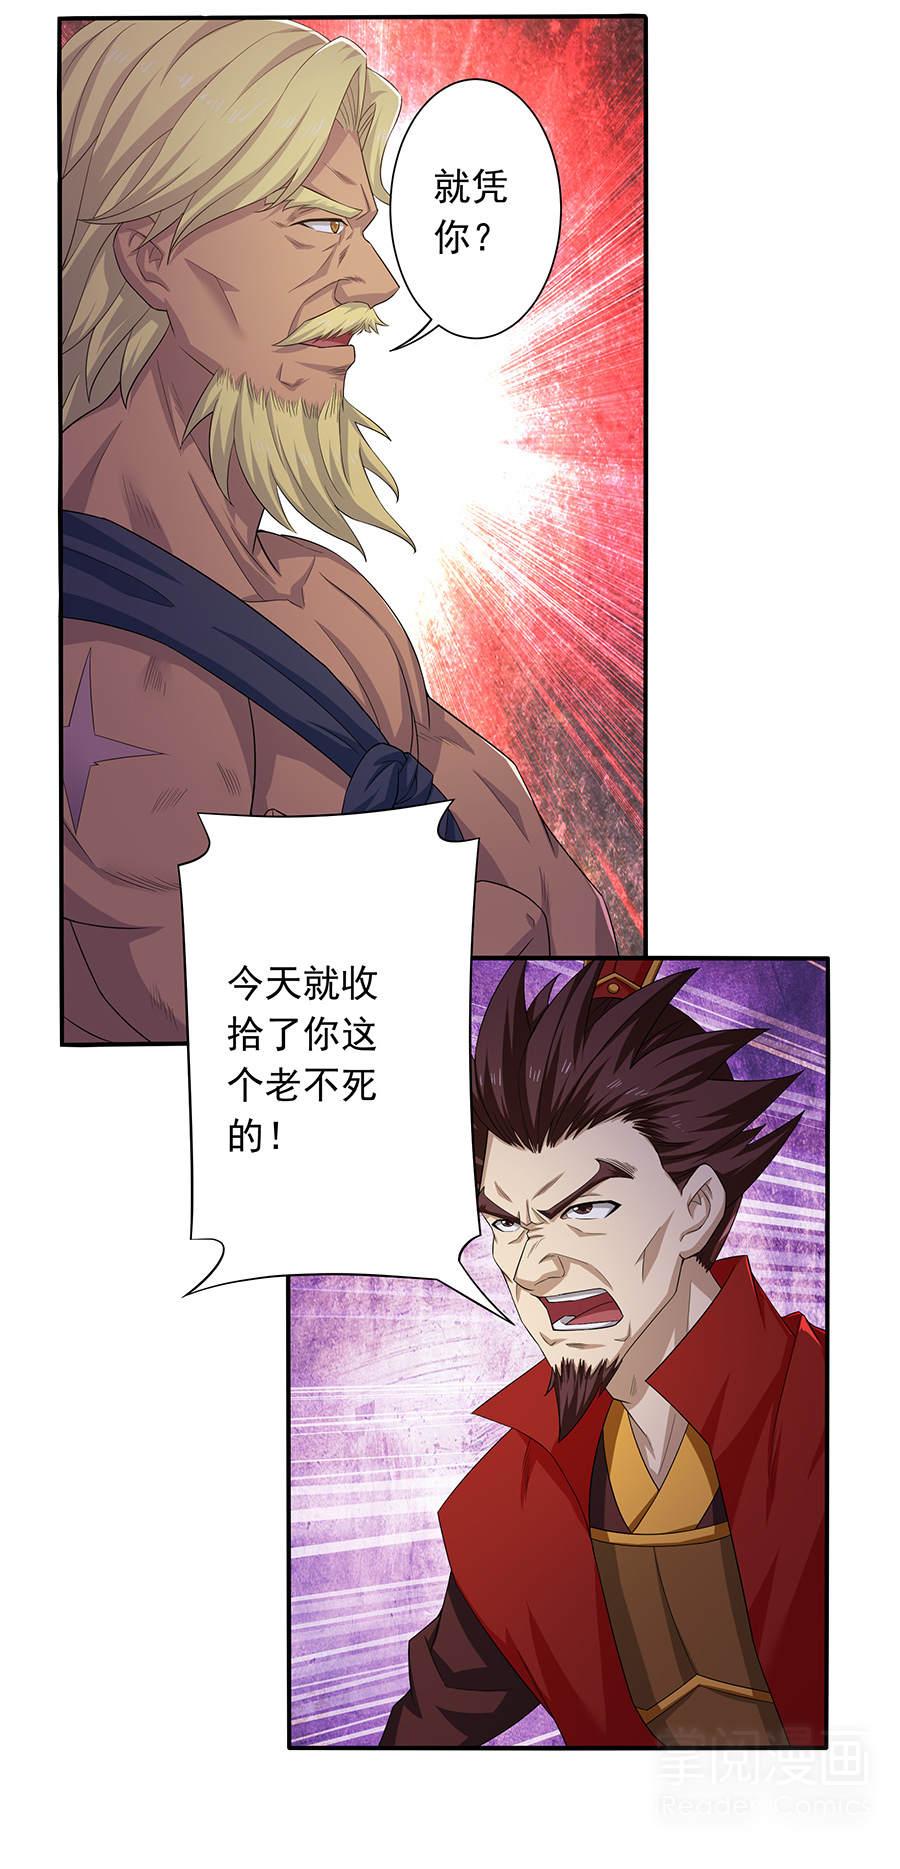 绝世剑神第8话  生死之战 第 5